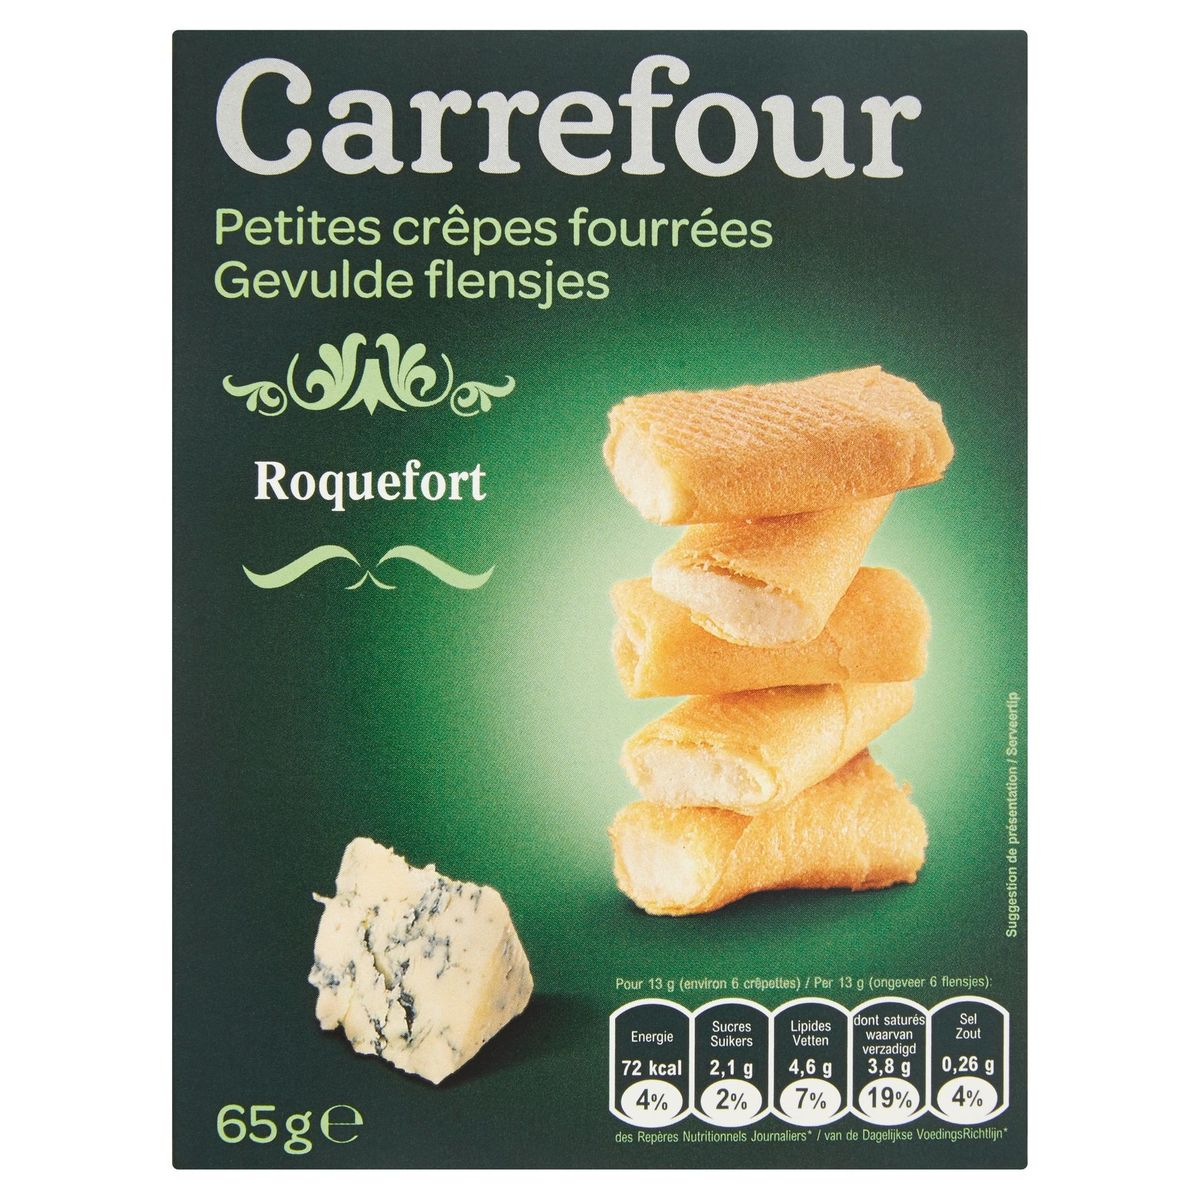 Carrefour Petites Crêpes Fourrées Roquefort 65 g